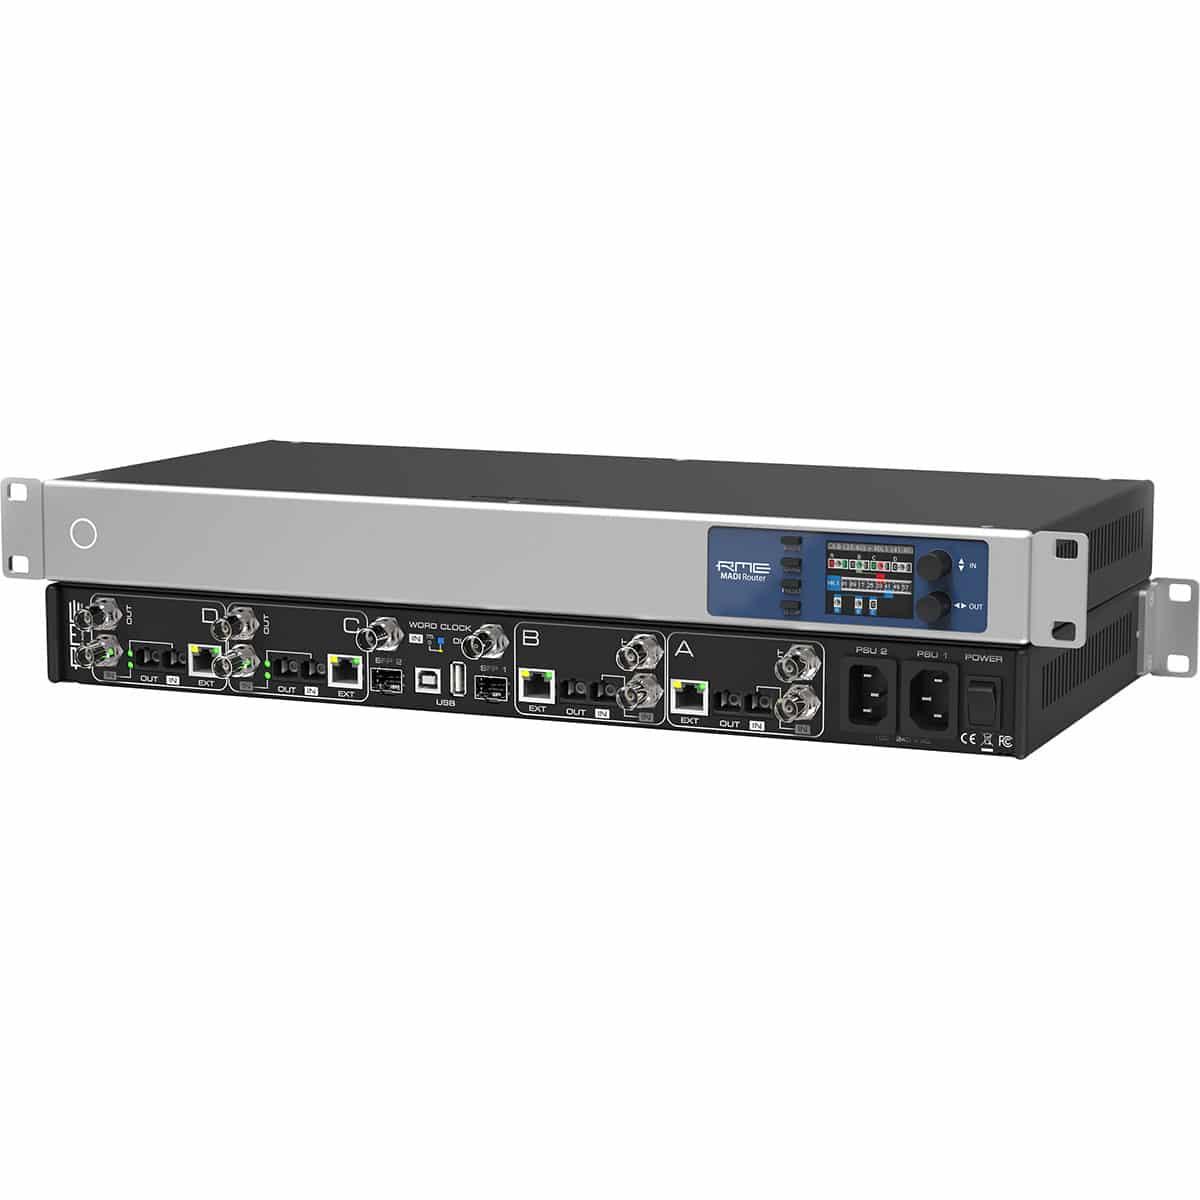 RME Madi Router 01 Convertitori Audio, Recording, Audio Digitale Convertitori e Schede Audio